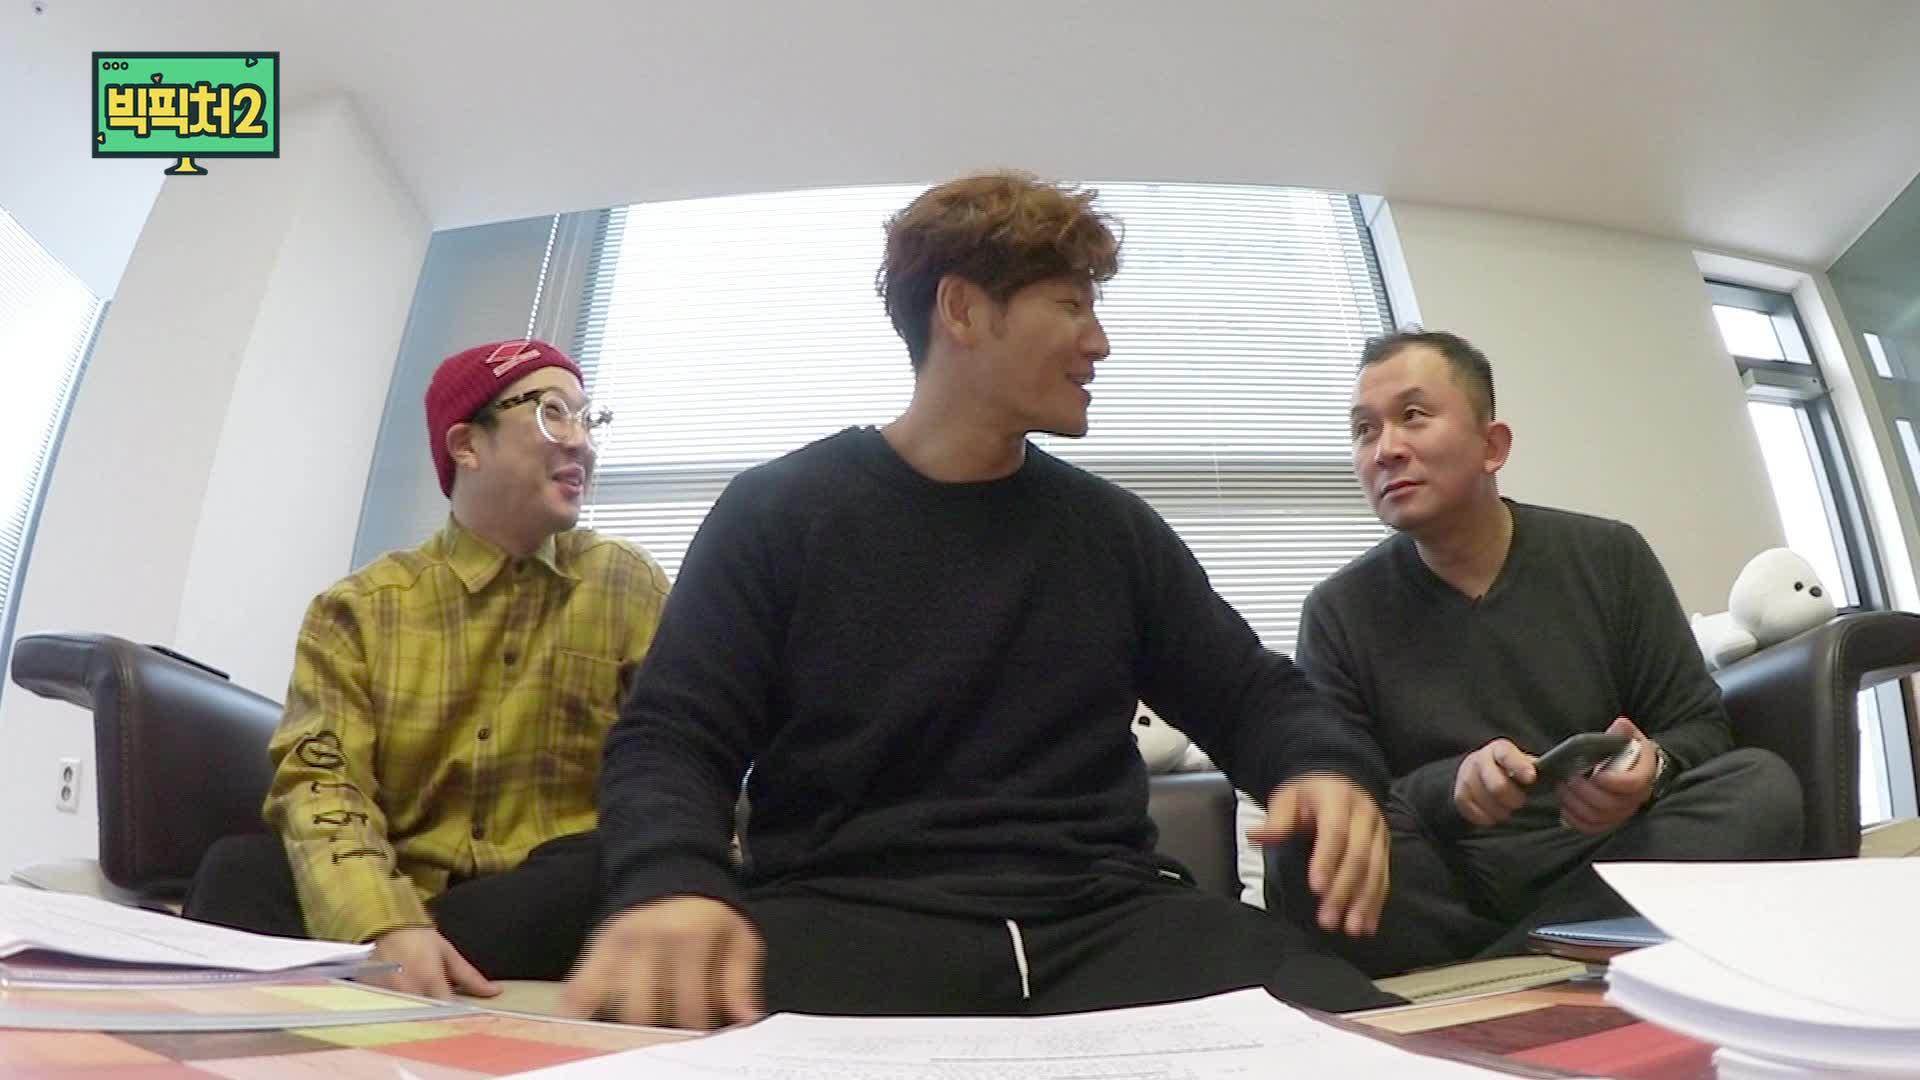 빅픽처2 깜짝영상 4 - 종국의 폭탄 발언? (feat.미운우리새끼)